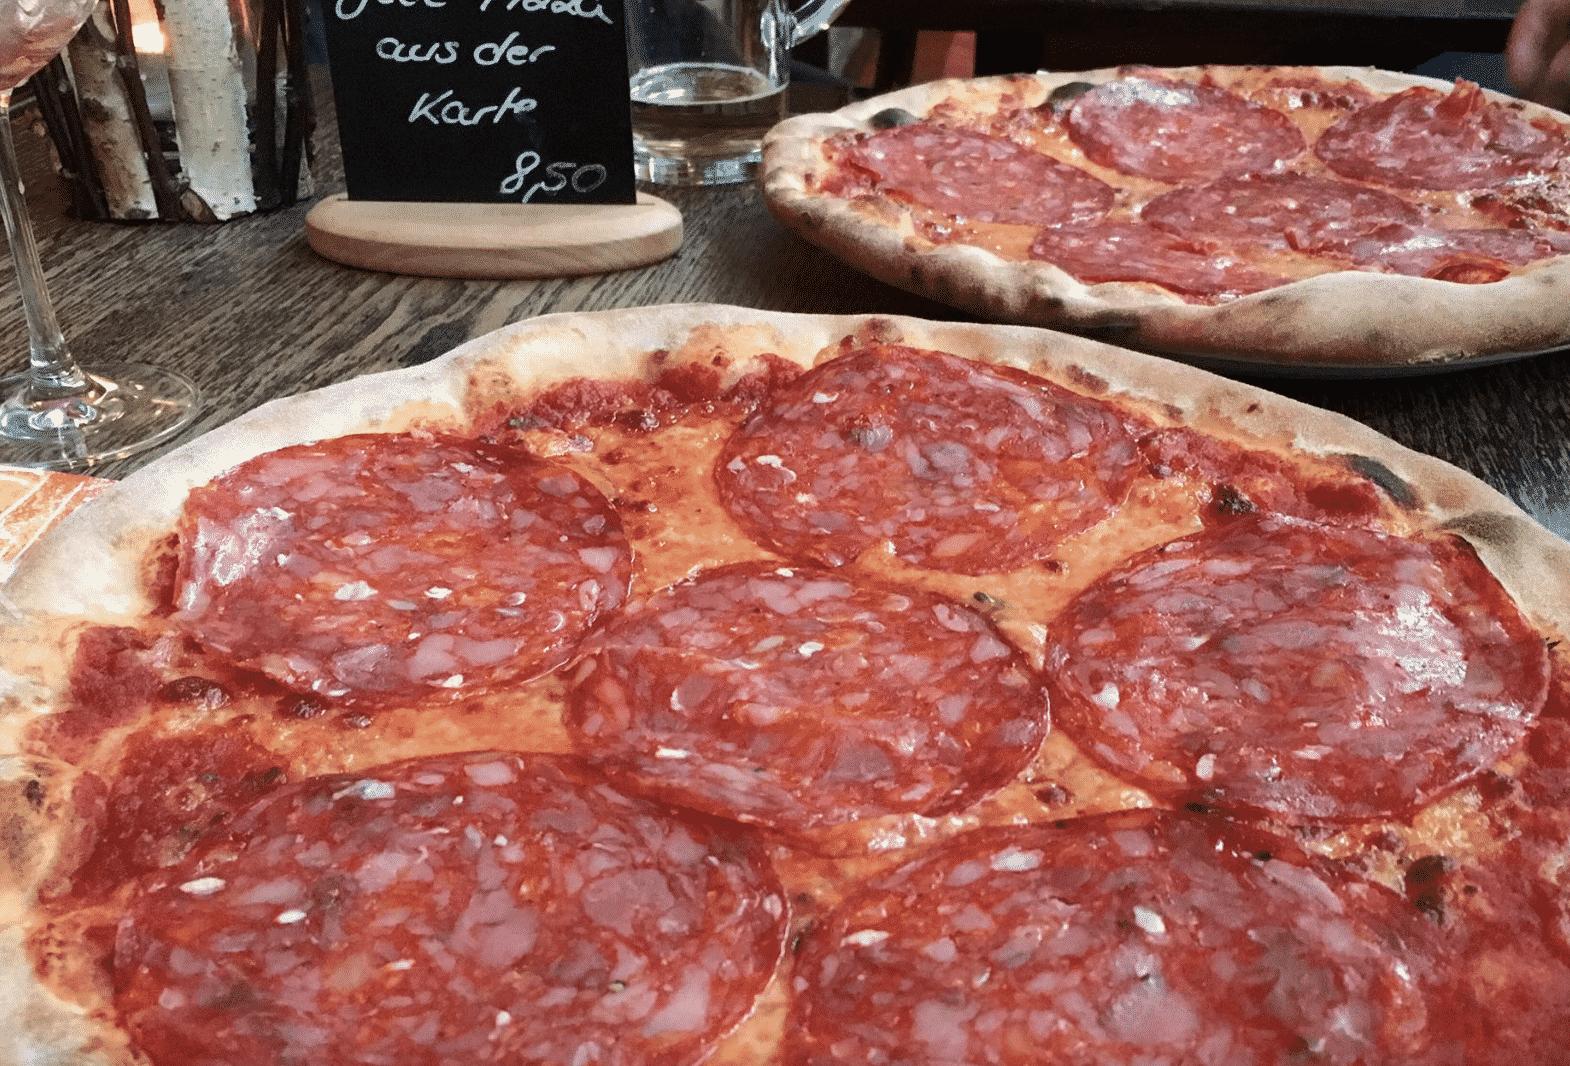 Sesto Senso Pizzeria in Munich